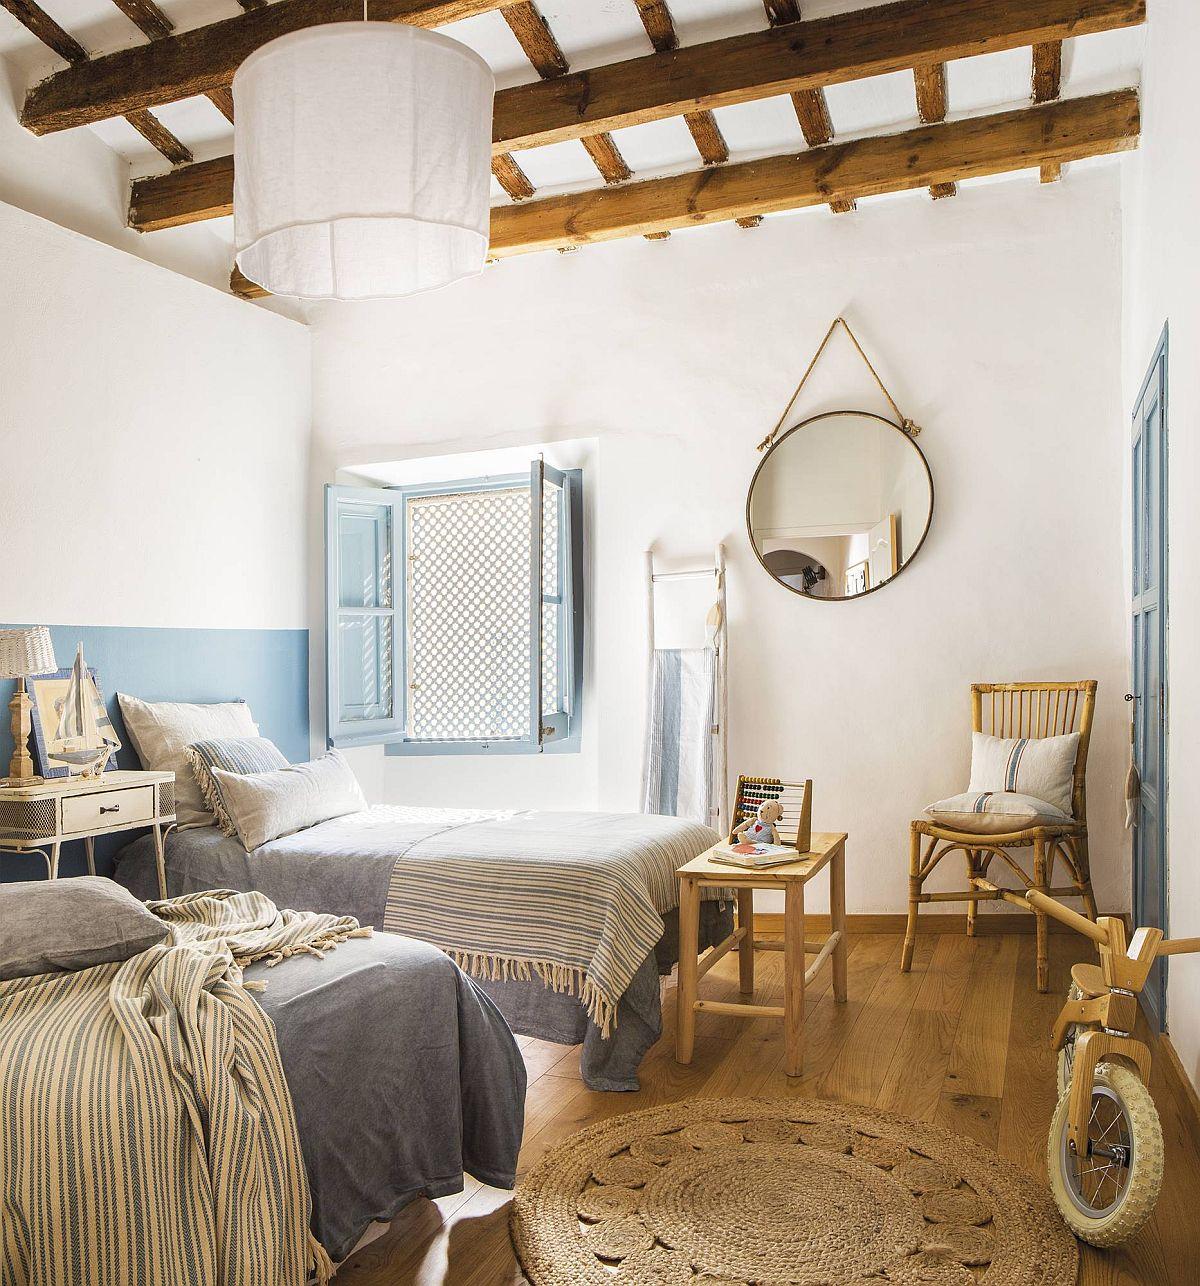 adelaparvu.com despre casa lunga si ingusta cu terasa, stil marin, design Nice Home Barcelona, Foto Jordi Canosa (11)